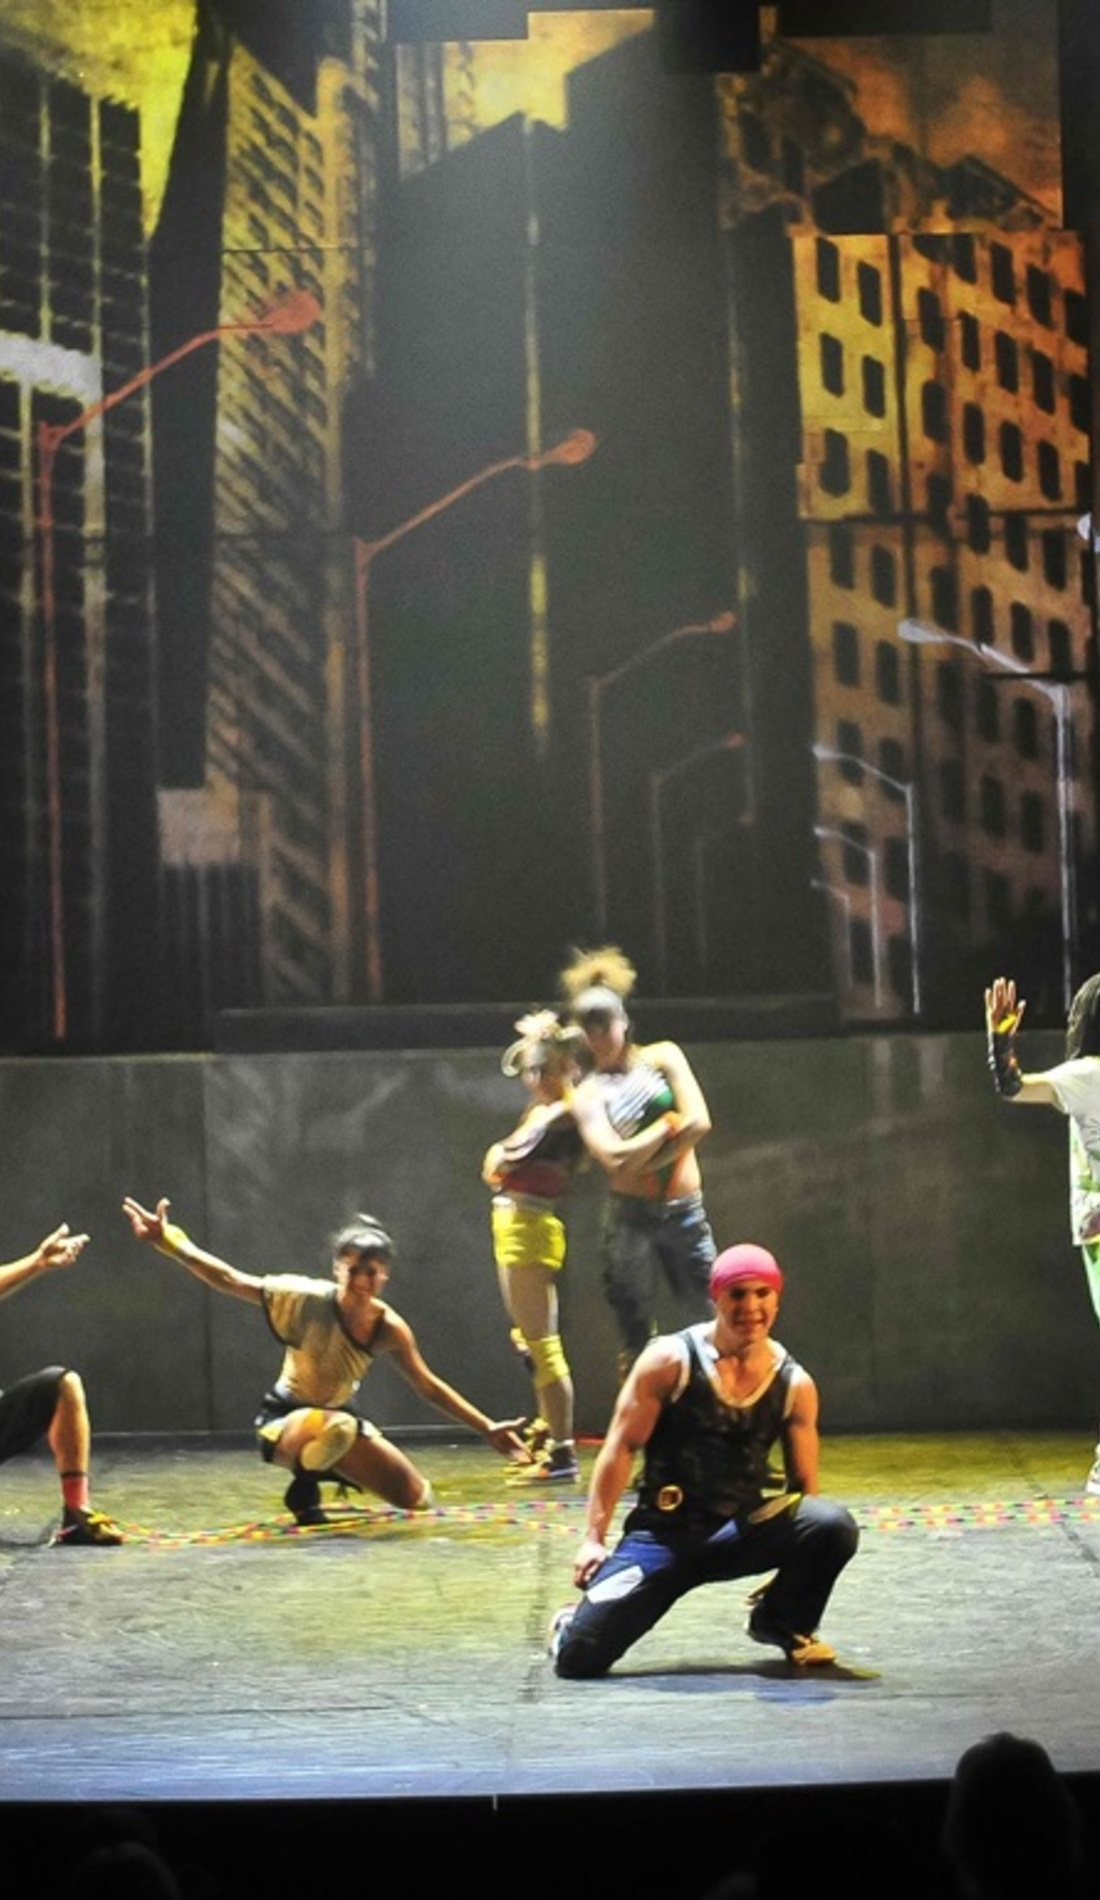 A Cirque Eloize live event